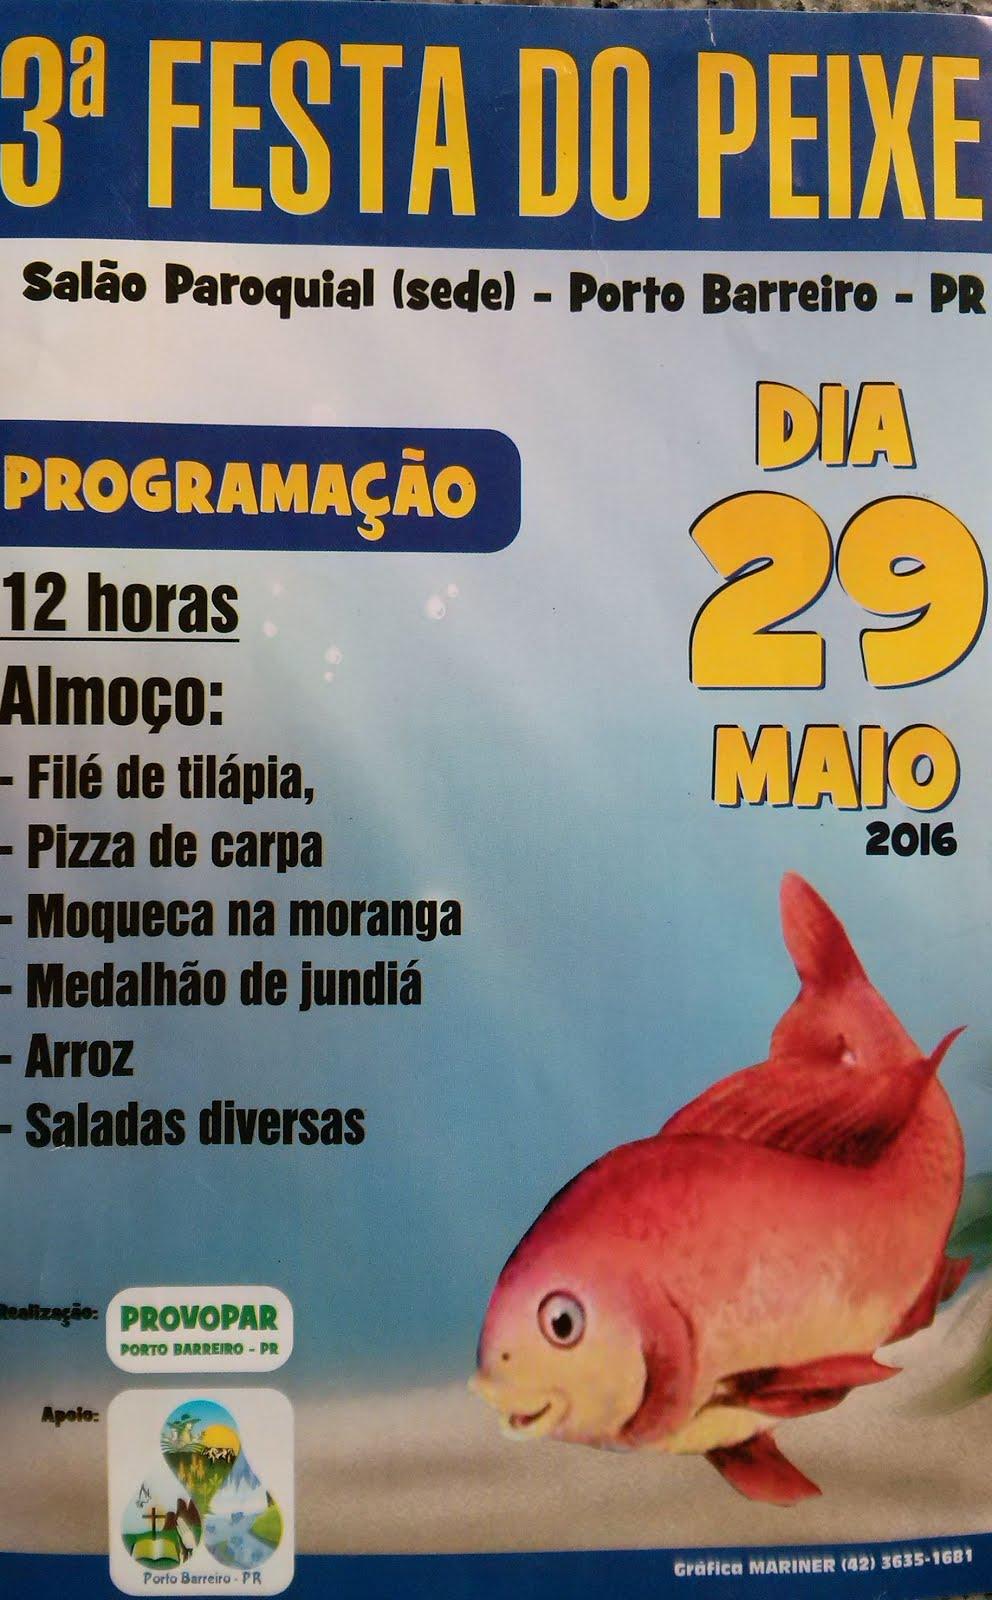 Porto Barreiro:Vem aí a 3ª Festa do Peixe !!!